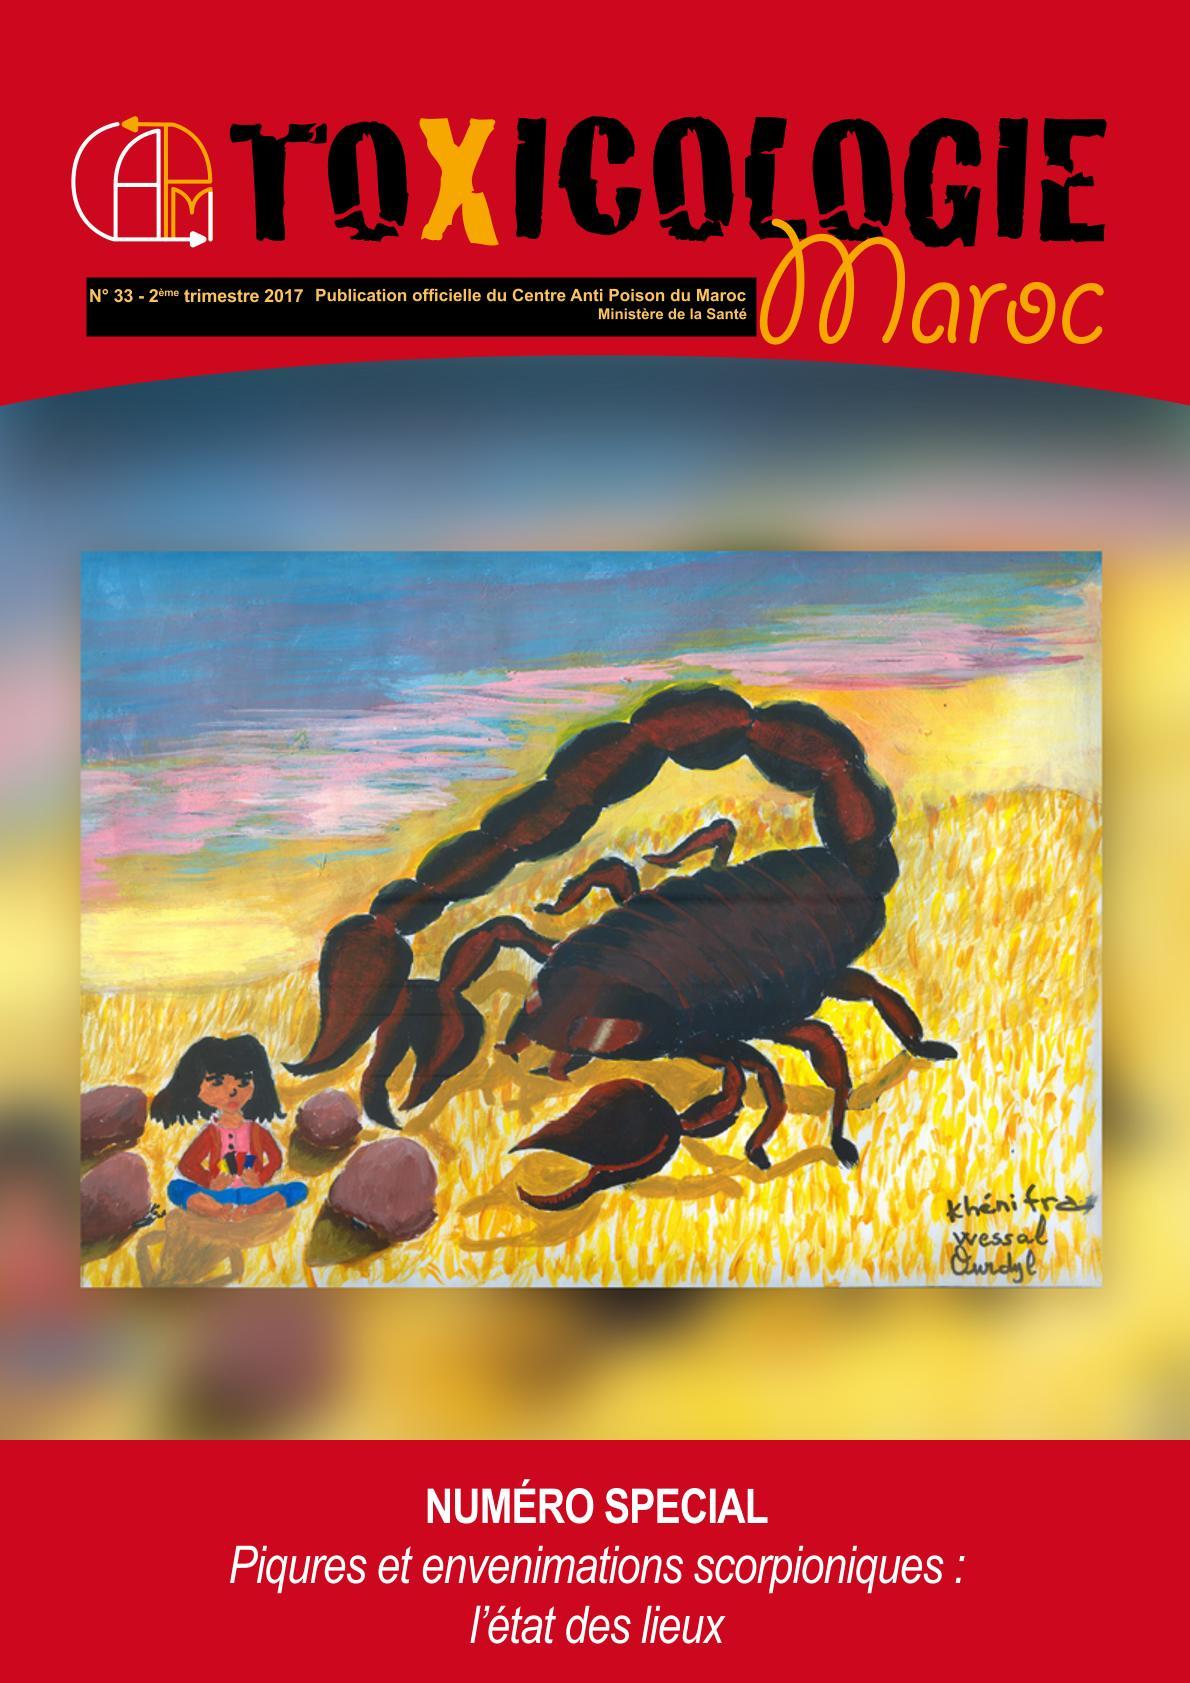 Piqûres de scorpions au Maroc: Grande vigilance en été